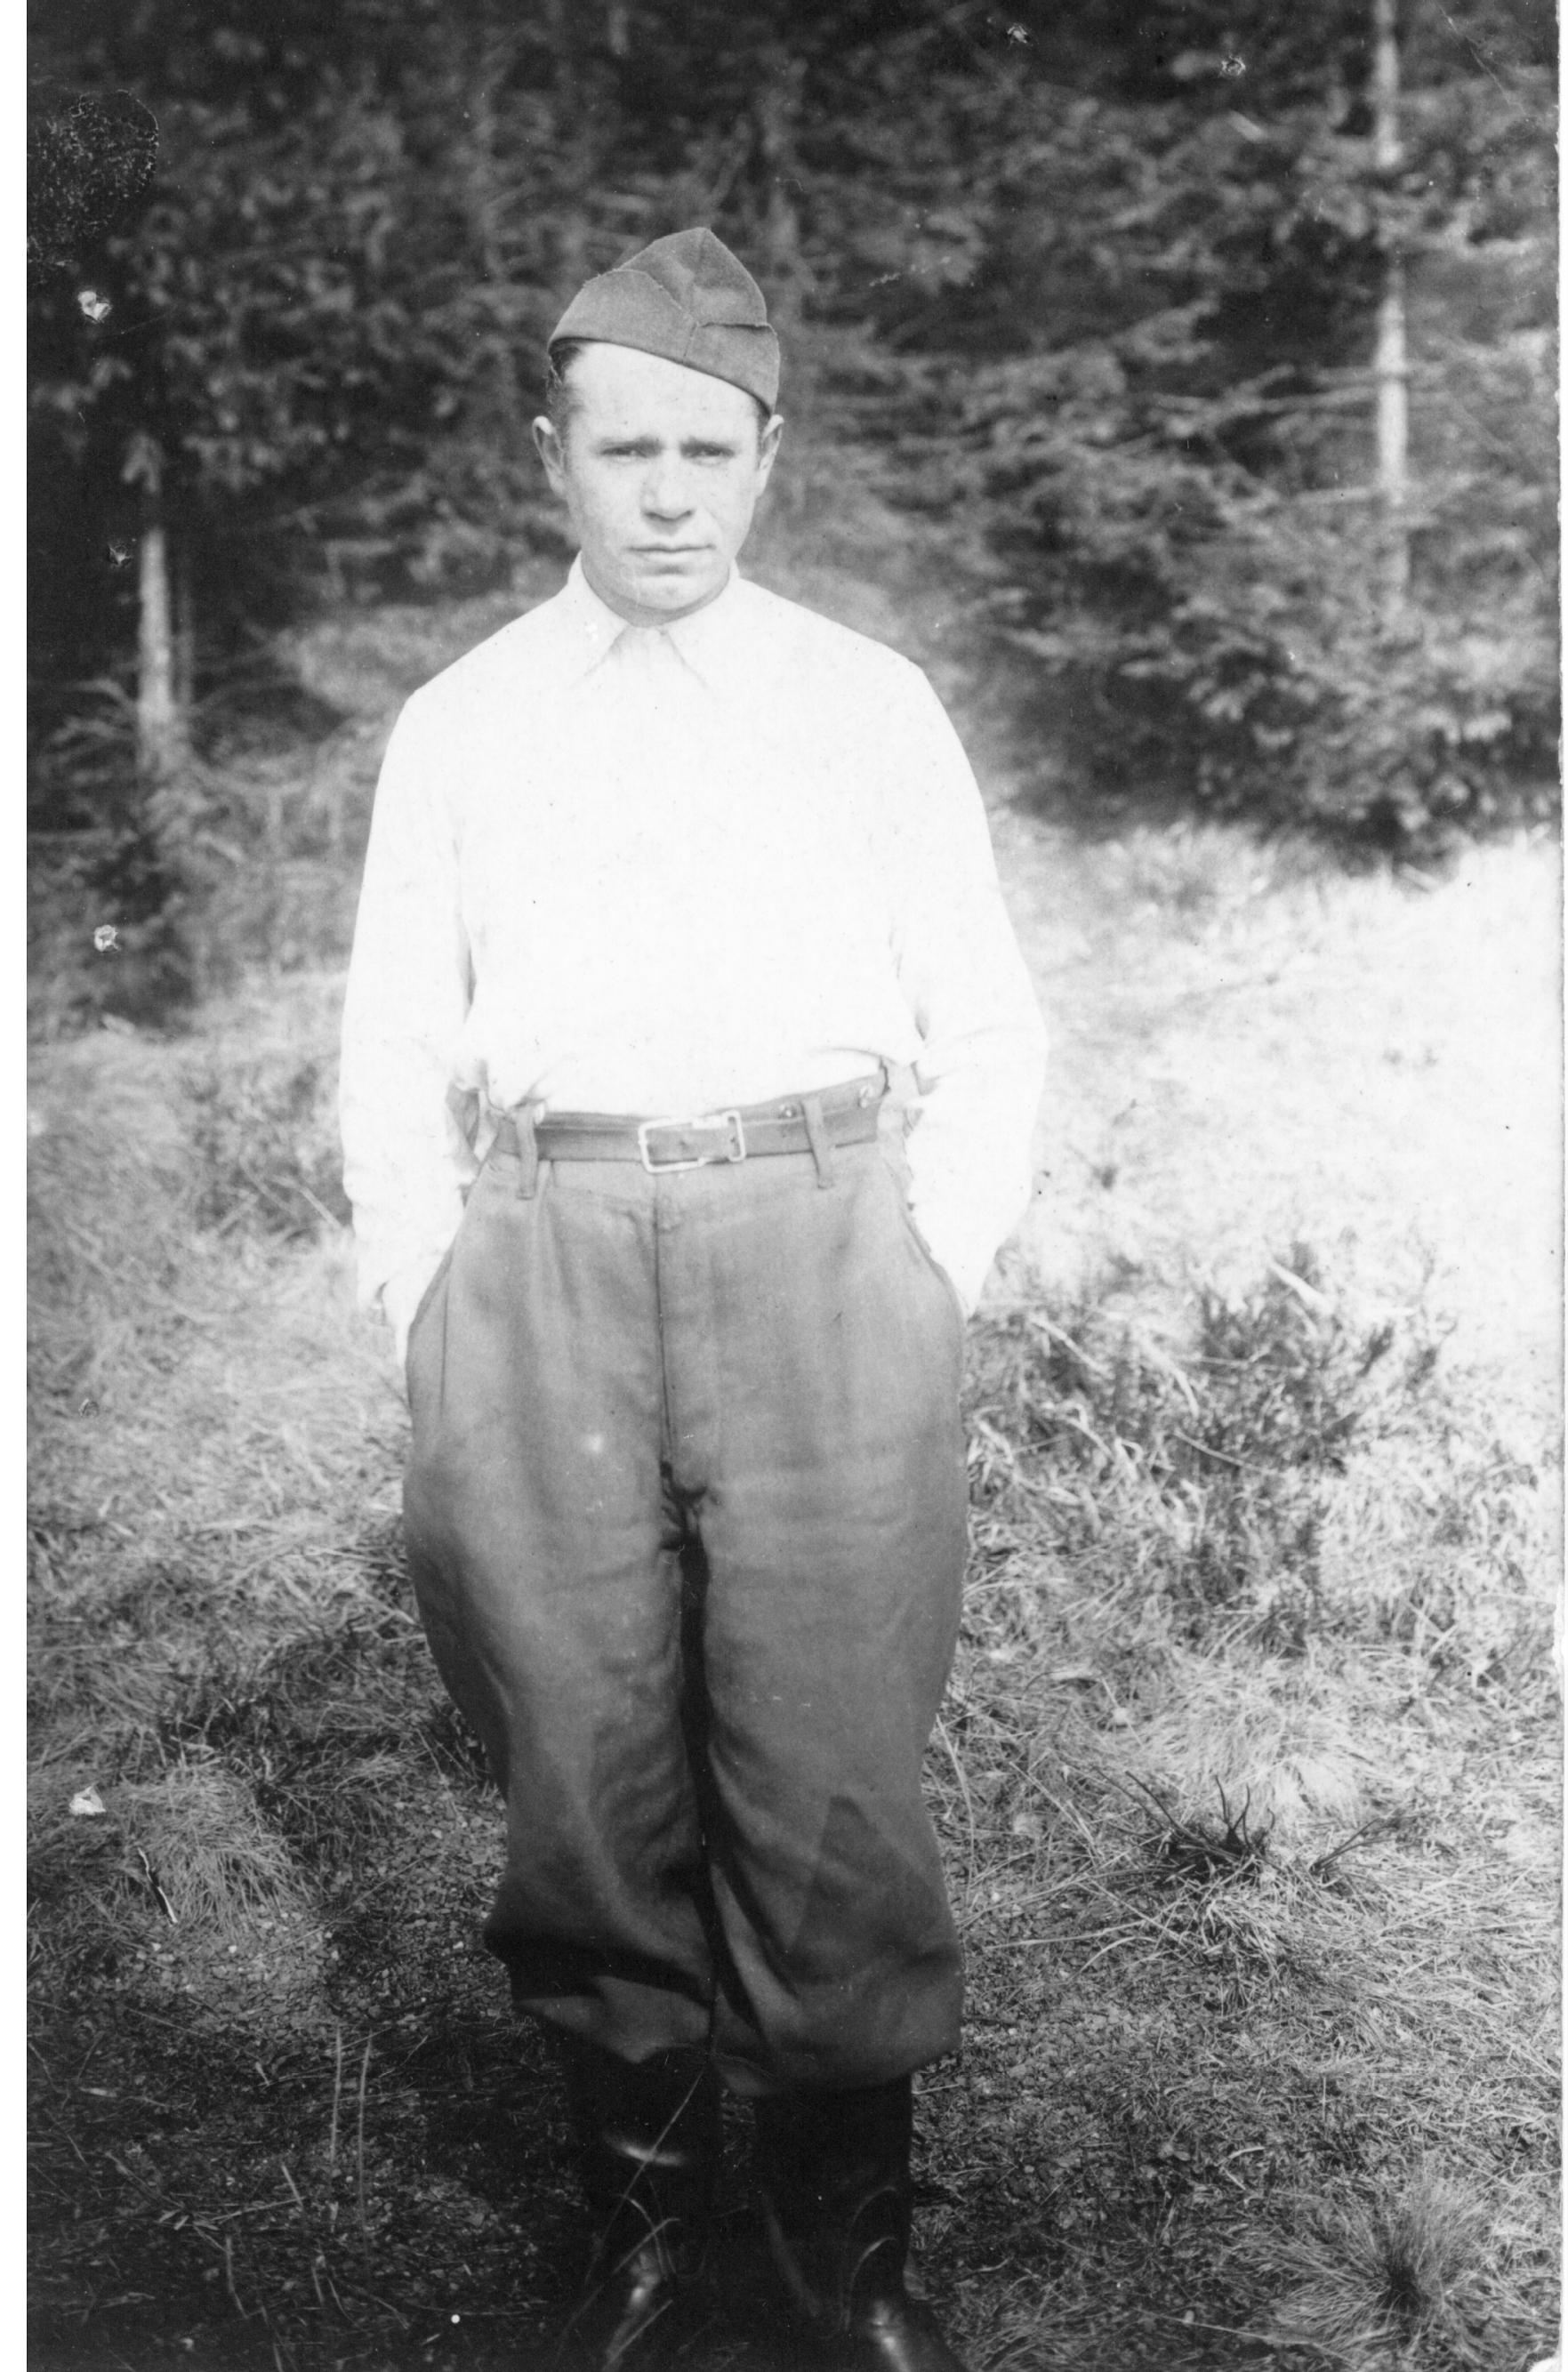 RAV CHAJKIN POW 1940-45.jpg